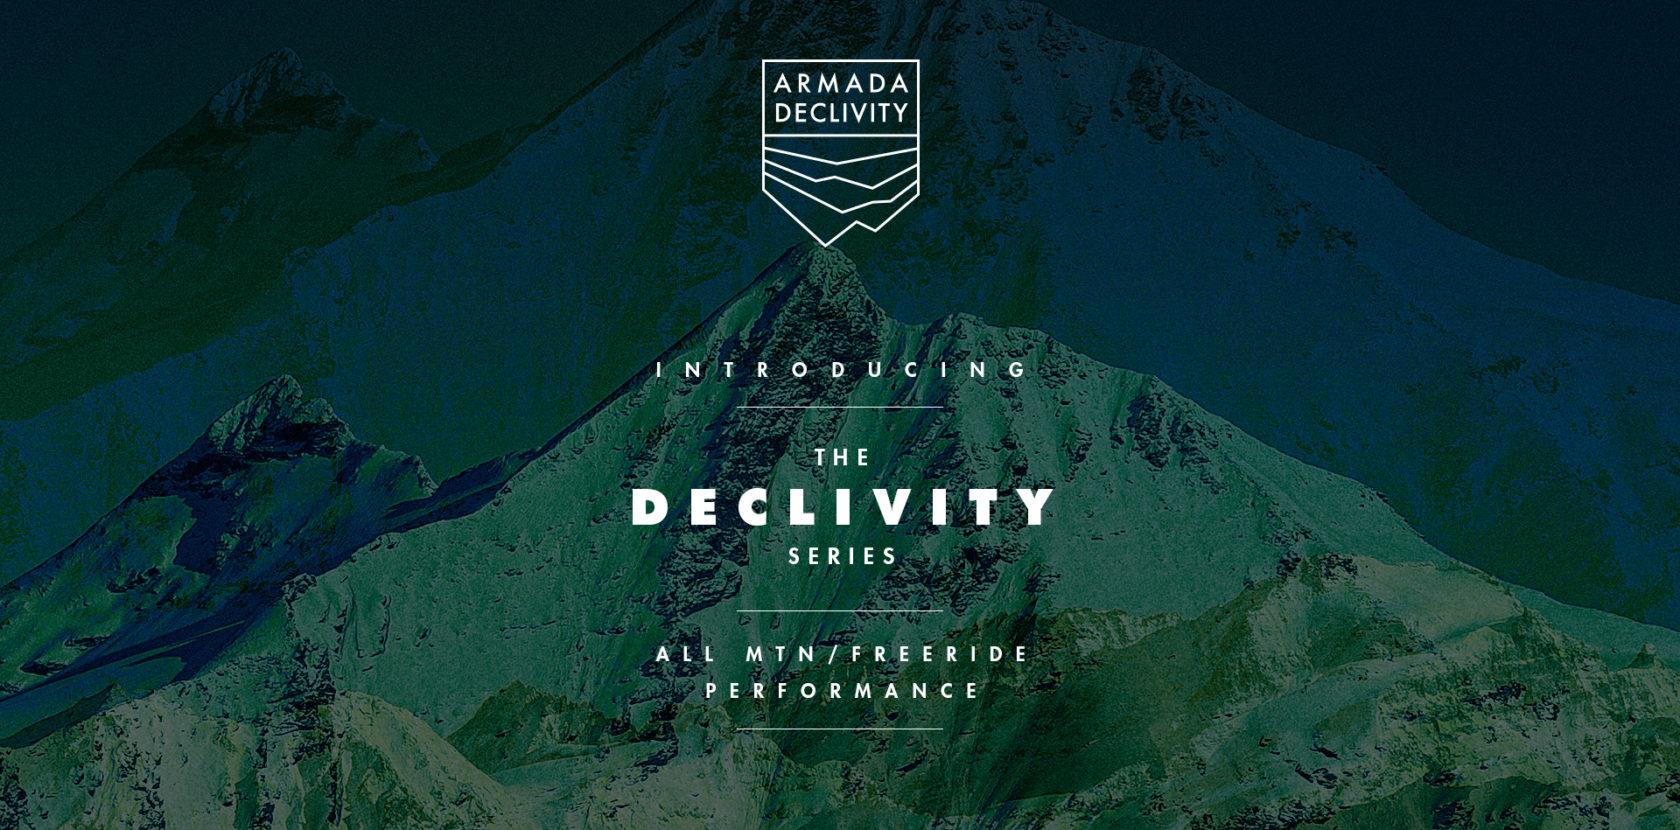 ARMADA DECLIVITY